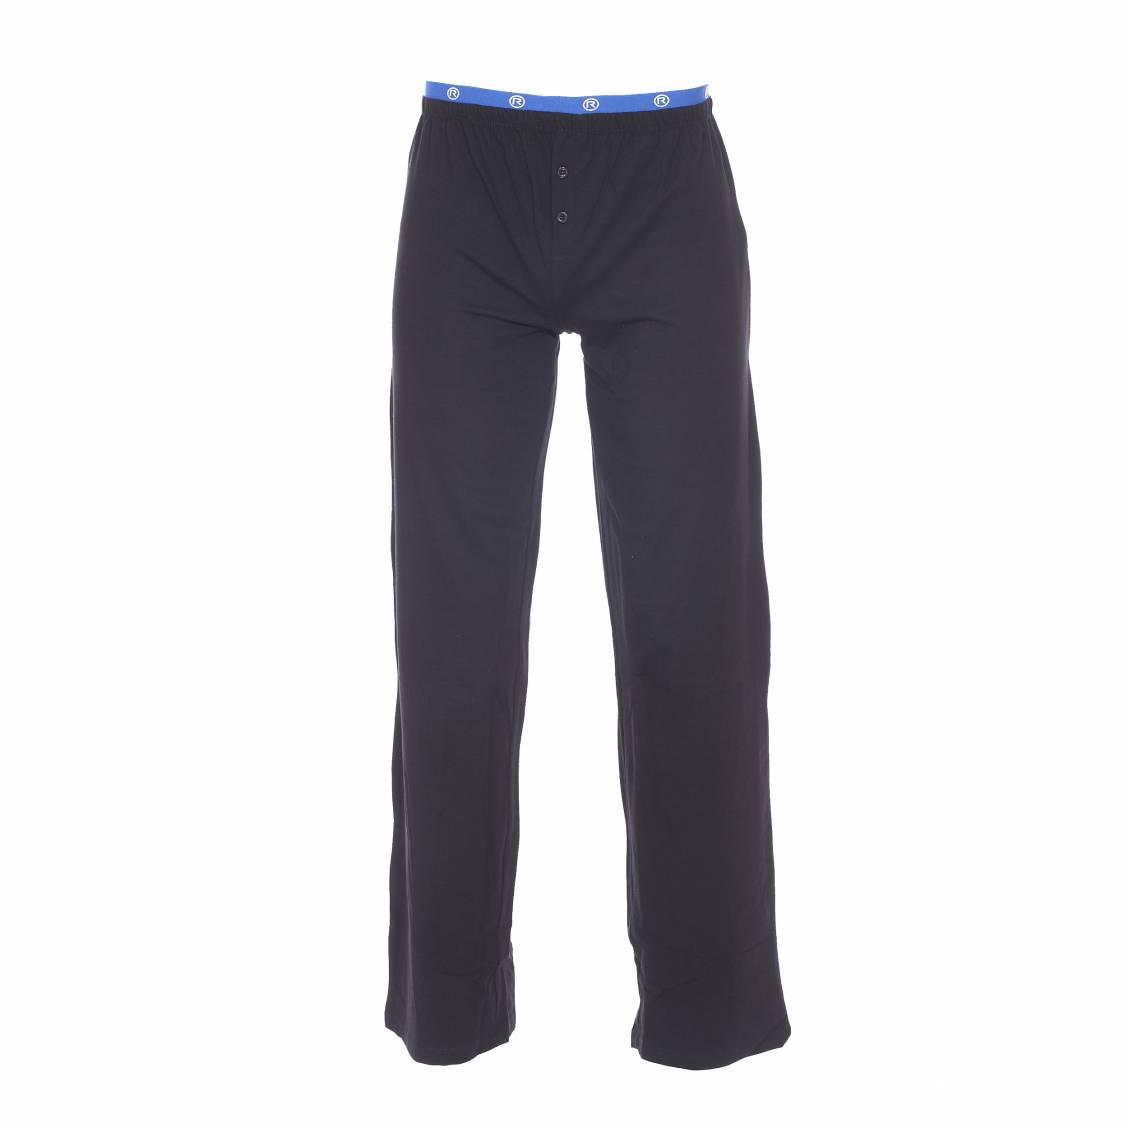 pantalon d 39 int rieur mariner en coton stretch noir ceinture bleu lectrique rue des hommes. Black Bedroom Furniture Sets. Home Design Ideas